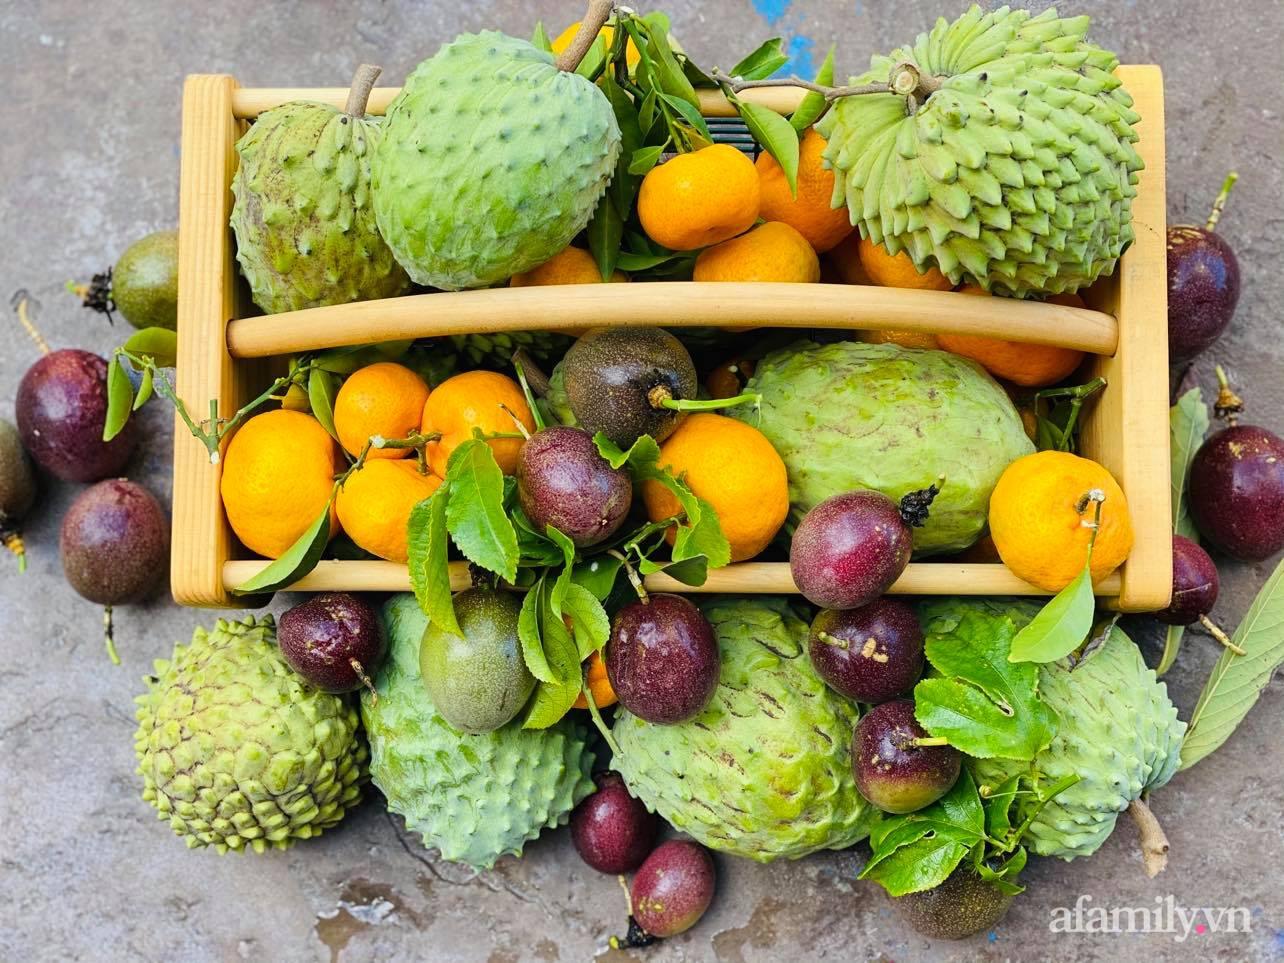 Khu vườn 800m² phủ kín đủ loại rau quả sạch của mẹ Việt đảm yêu cây - Ảnh 19.